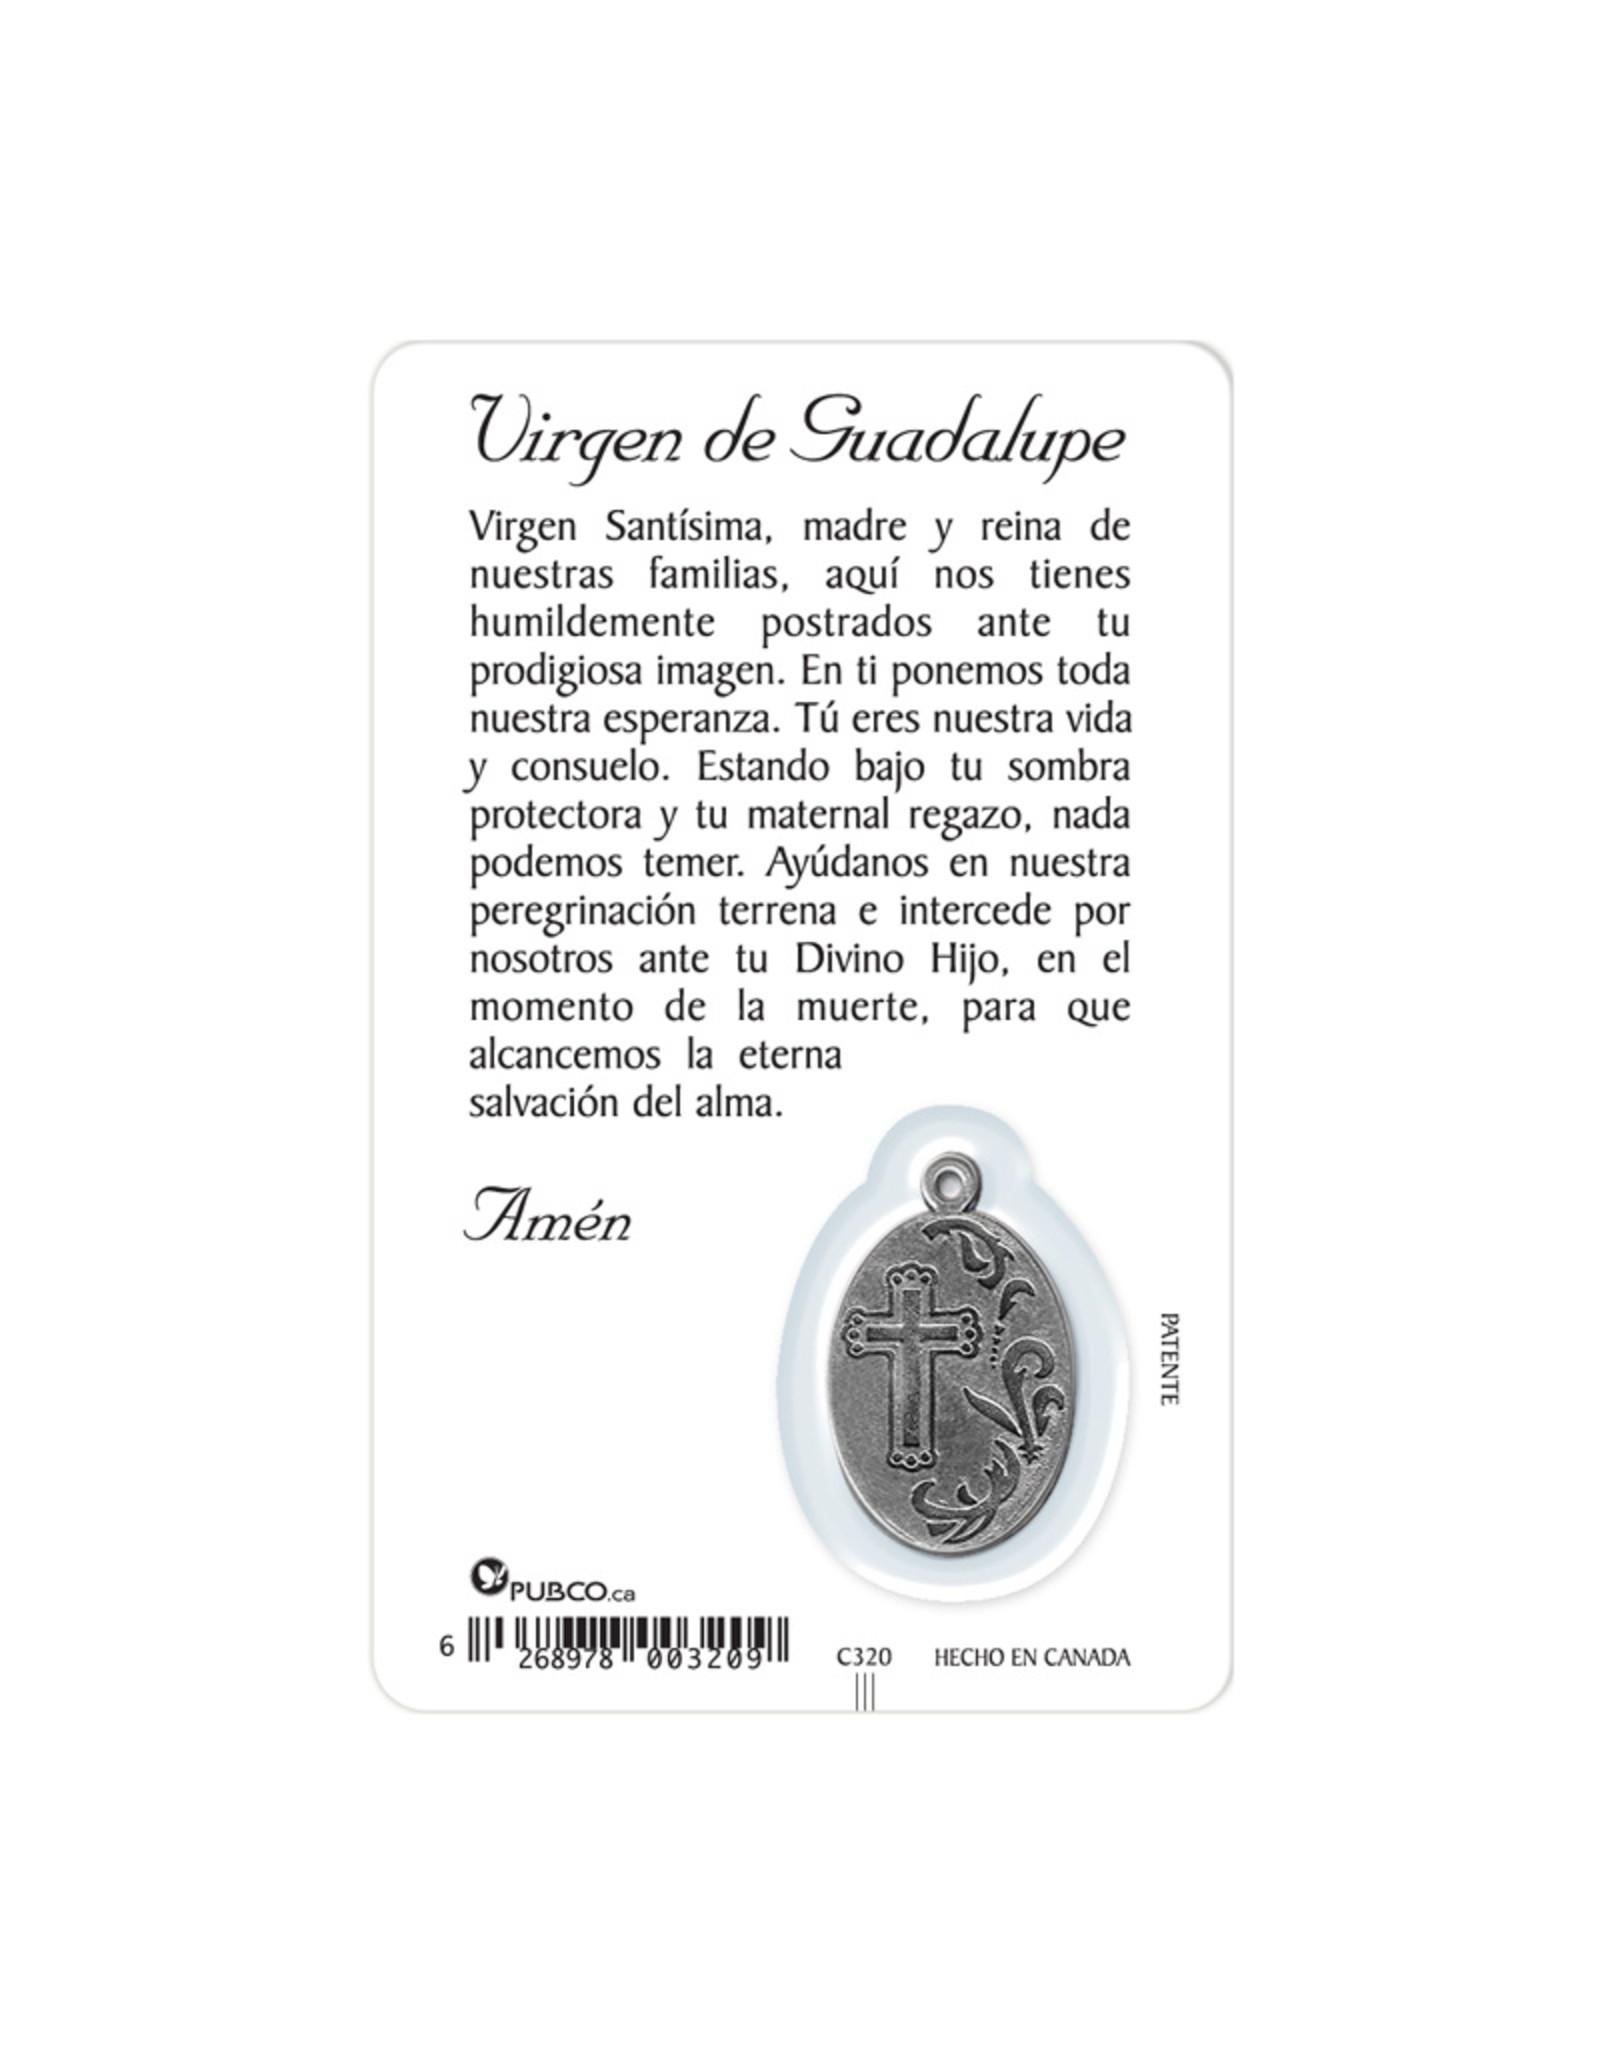 Carte médaille : Virgen de Guadalupe (espagnol)